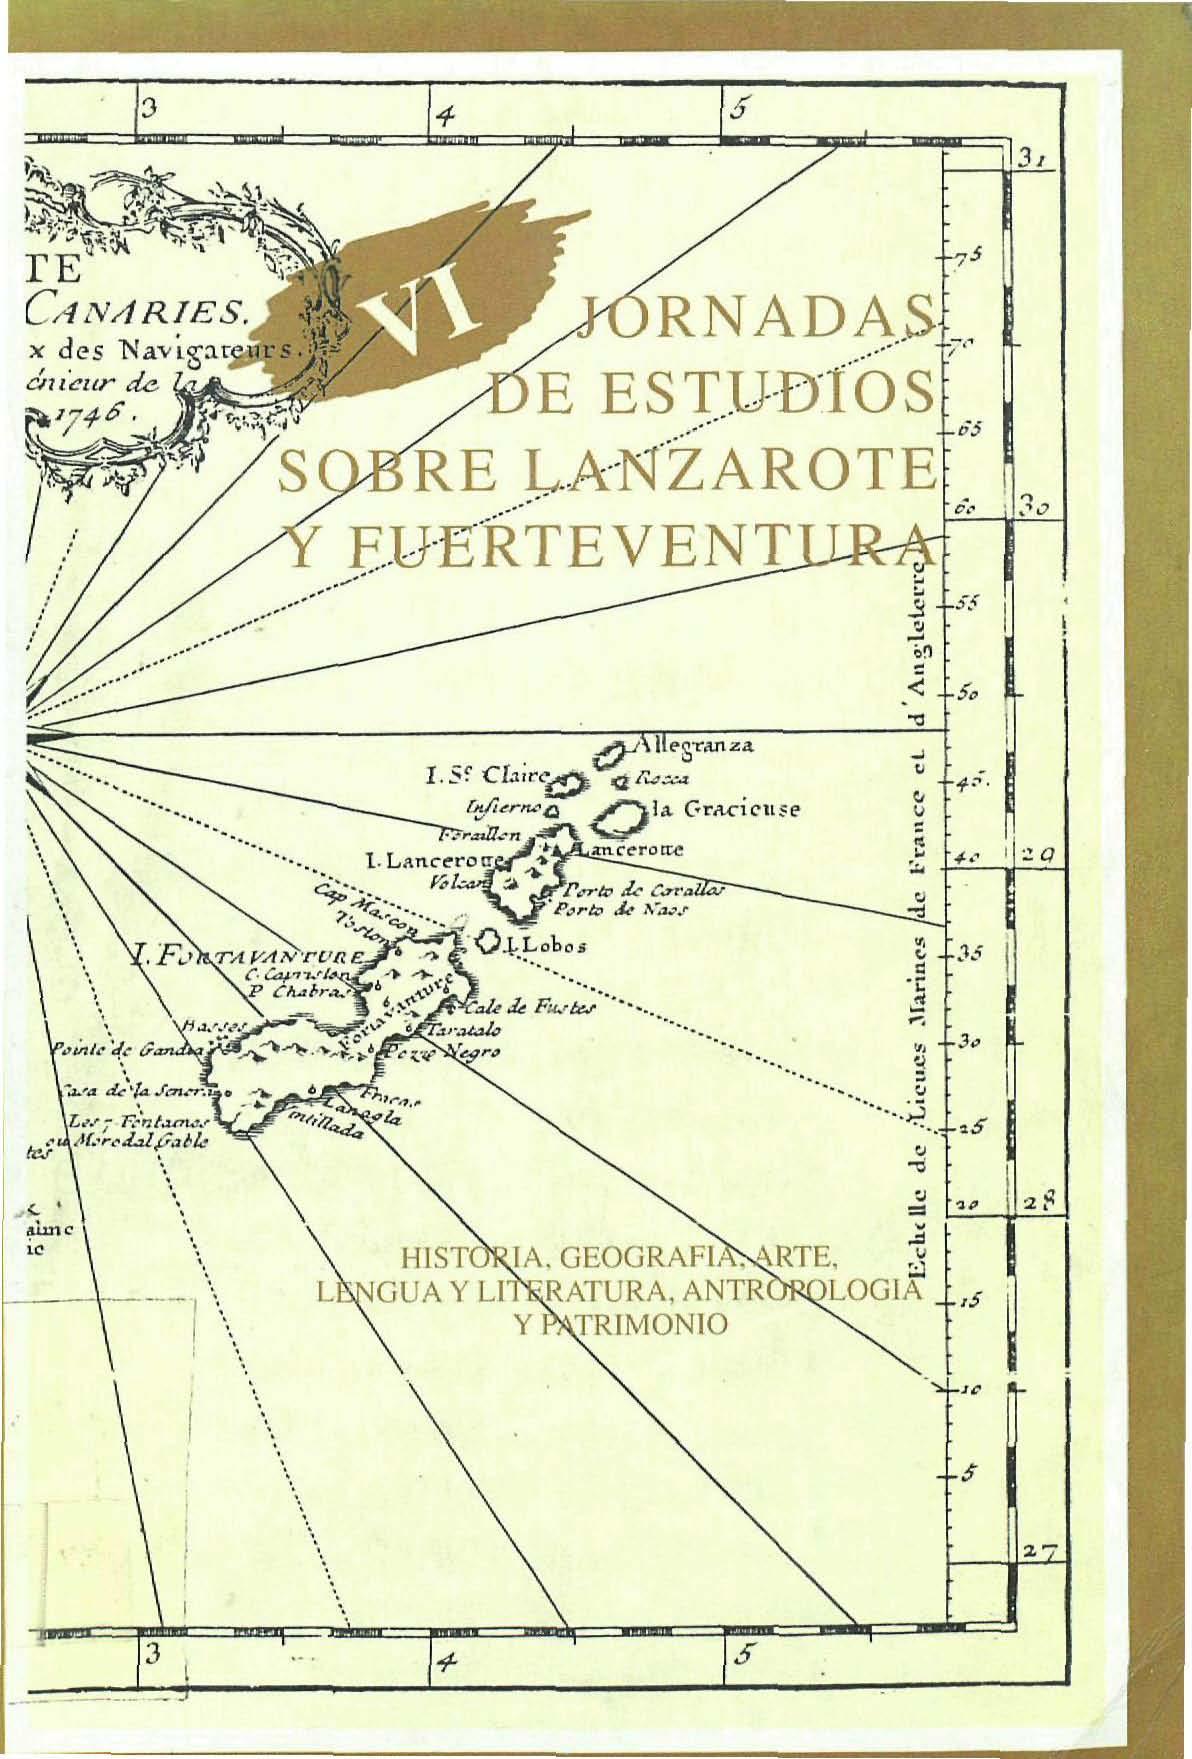 La virgen de Guadalupe en la historia de Lanzarote